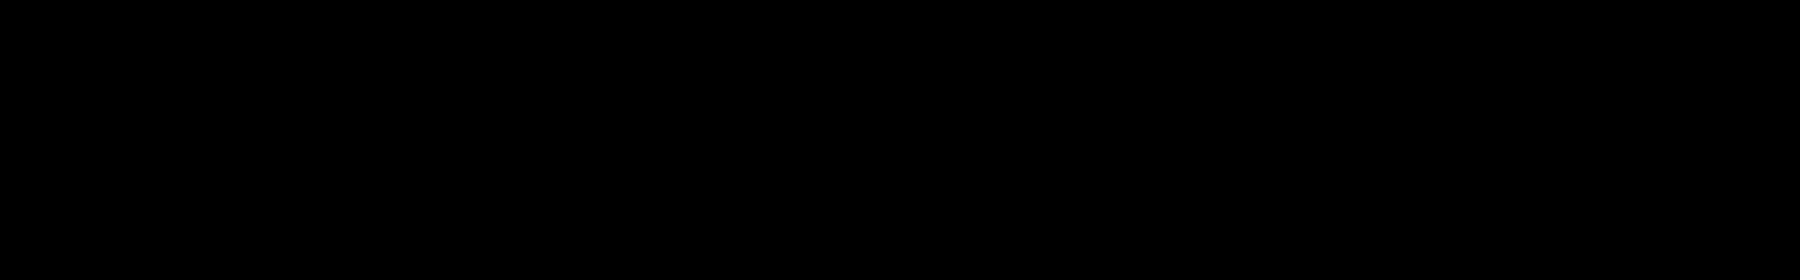 Ryoji audio waveform